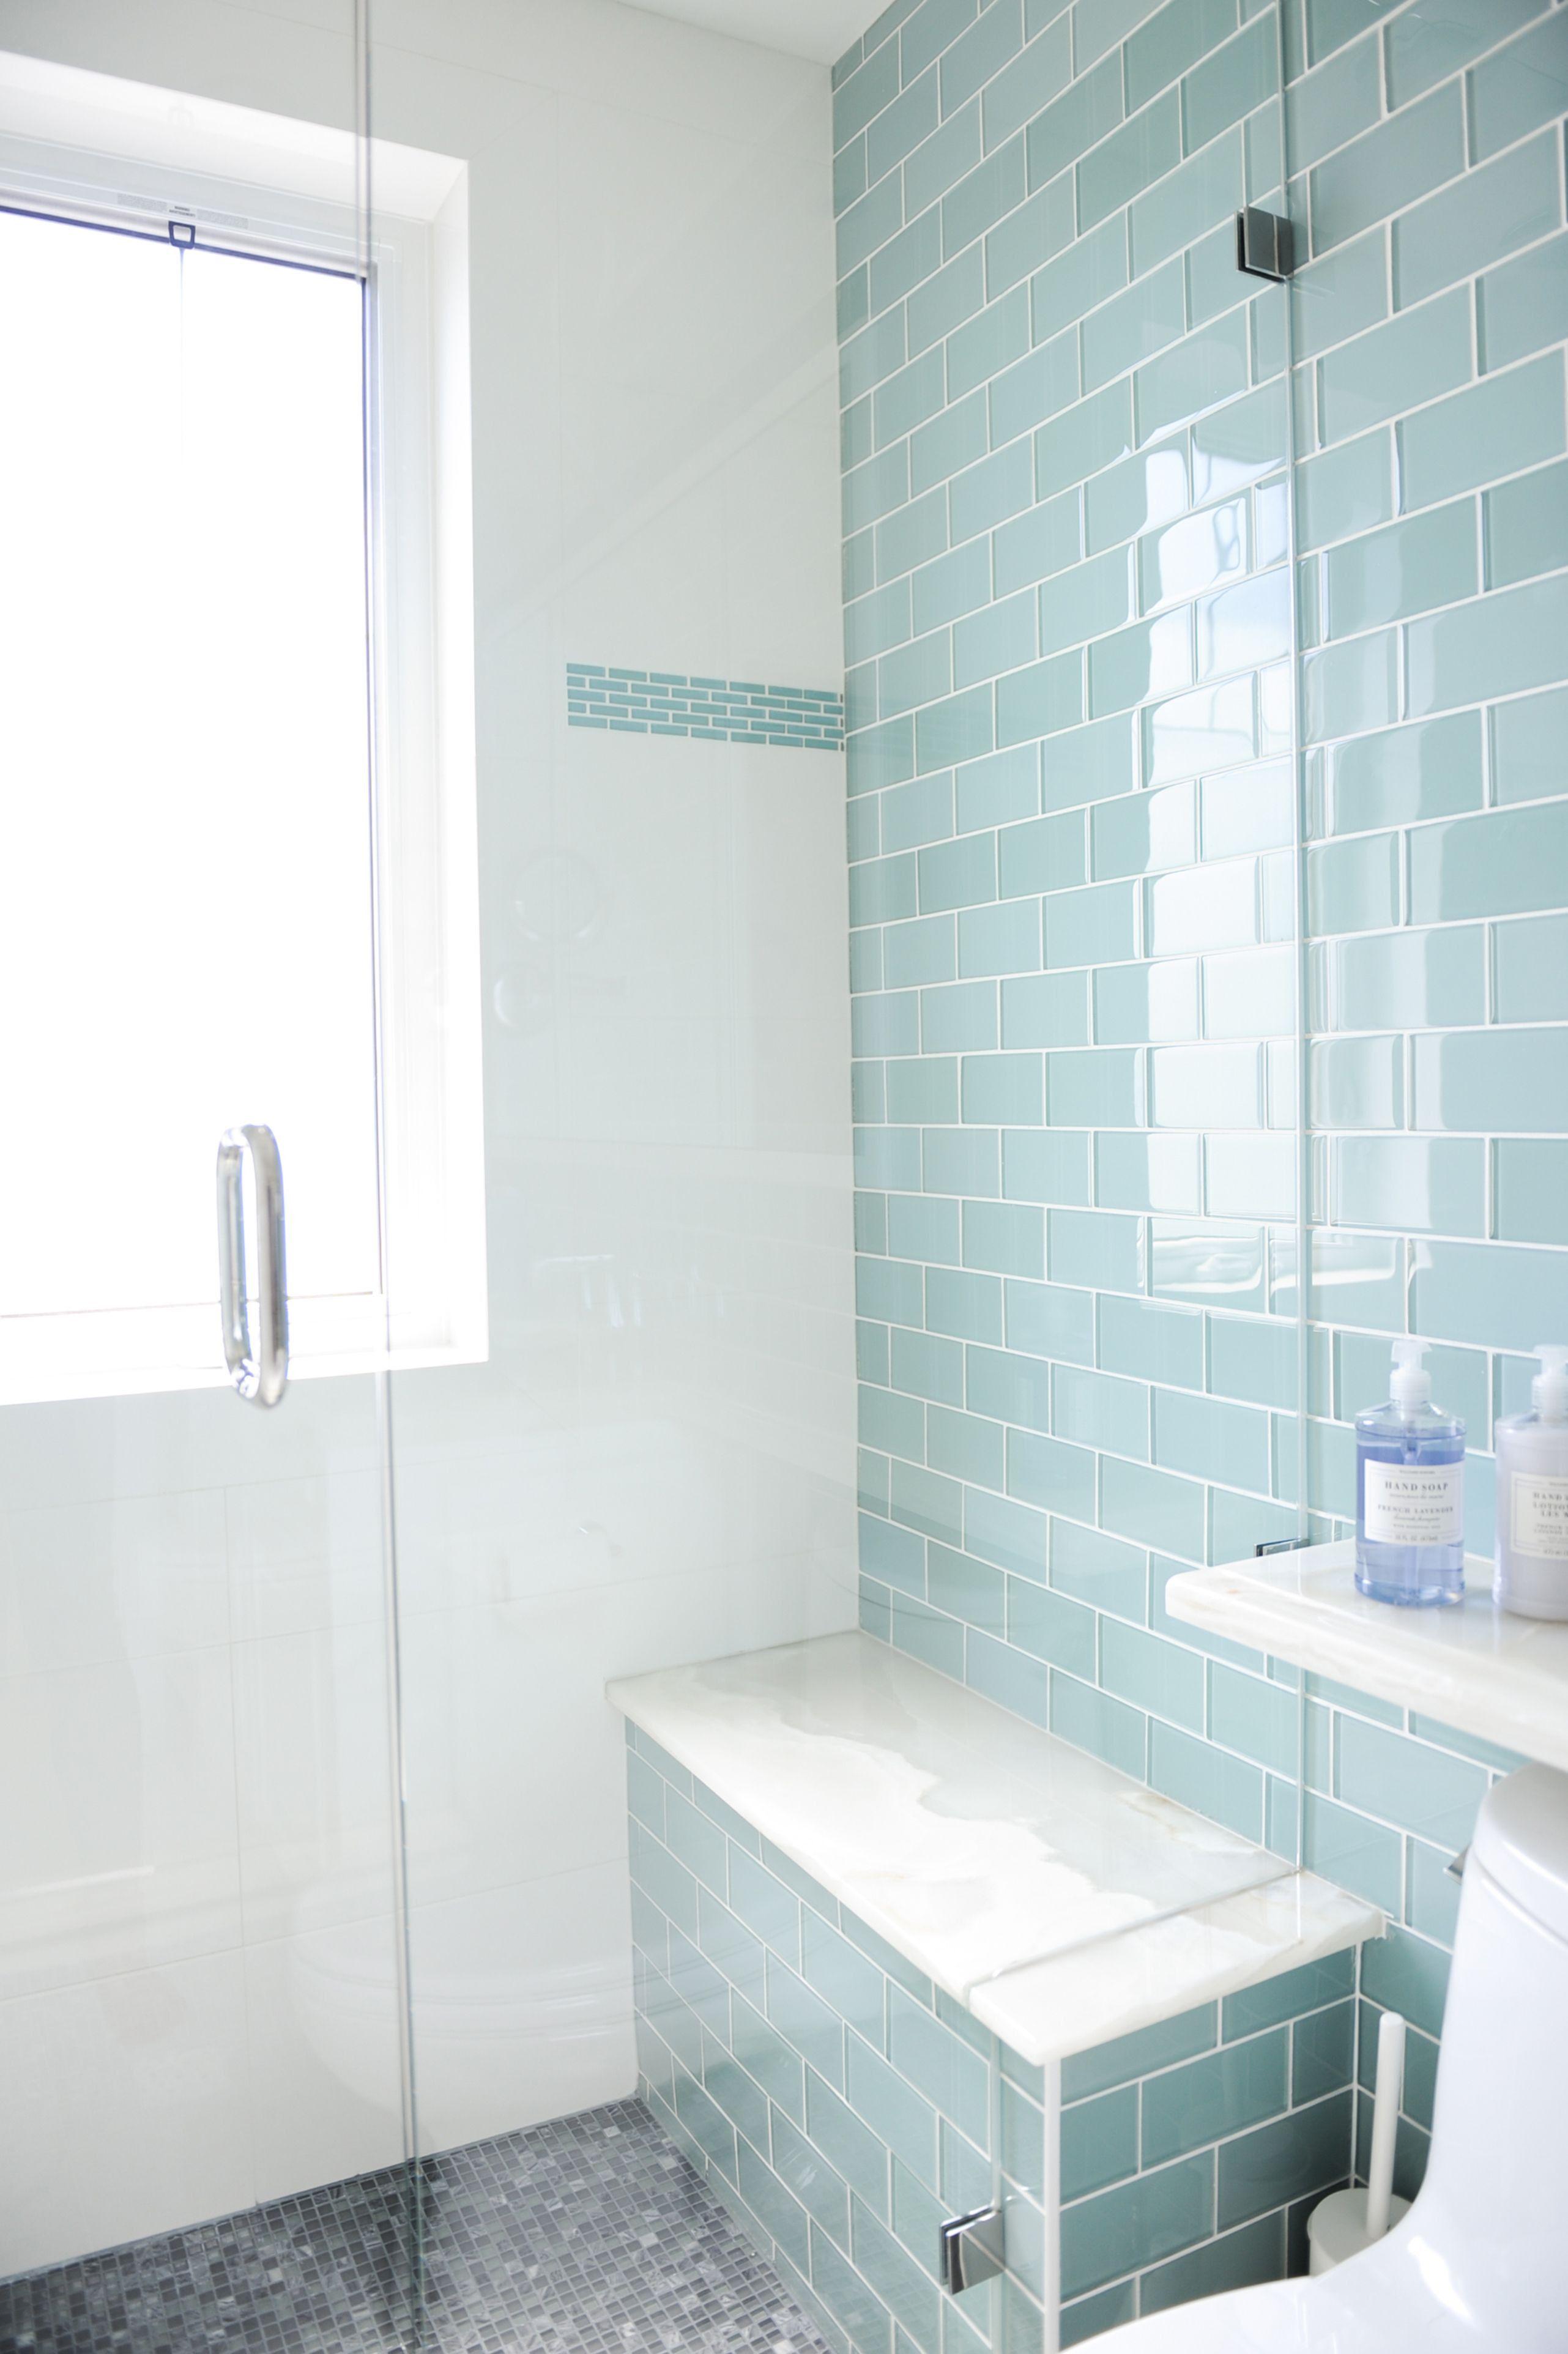 39 Unique Sparkle Tiles Decortez Bathroom Design Trendy Bathroom Shower Remodel